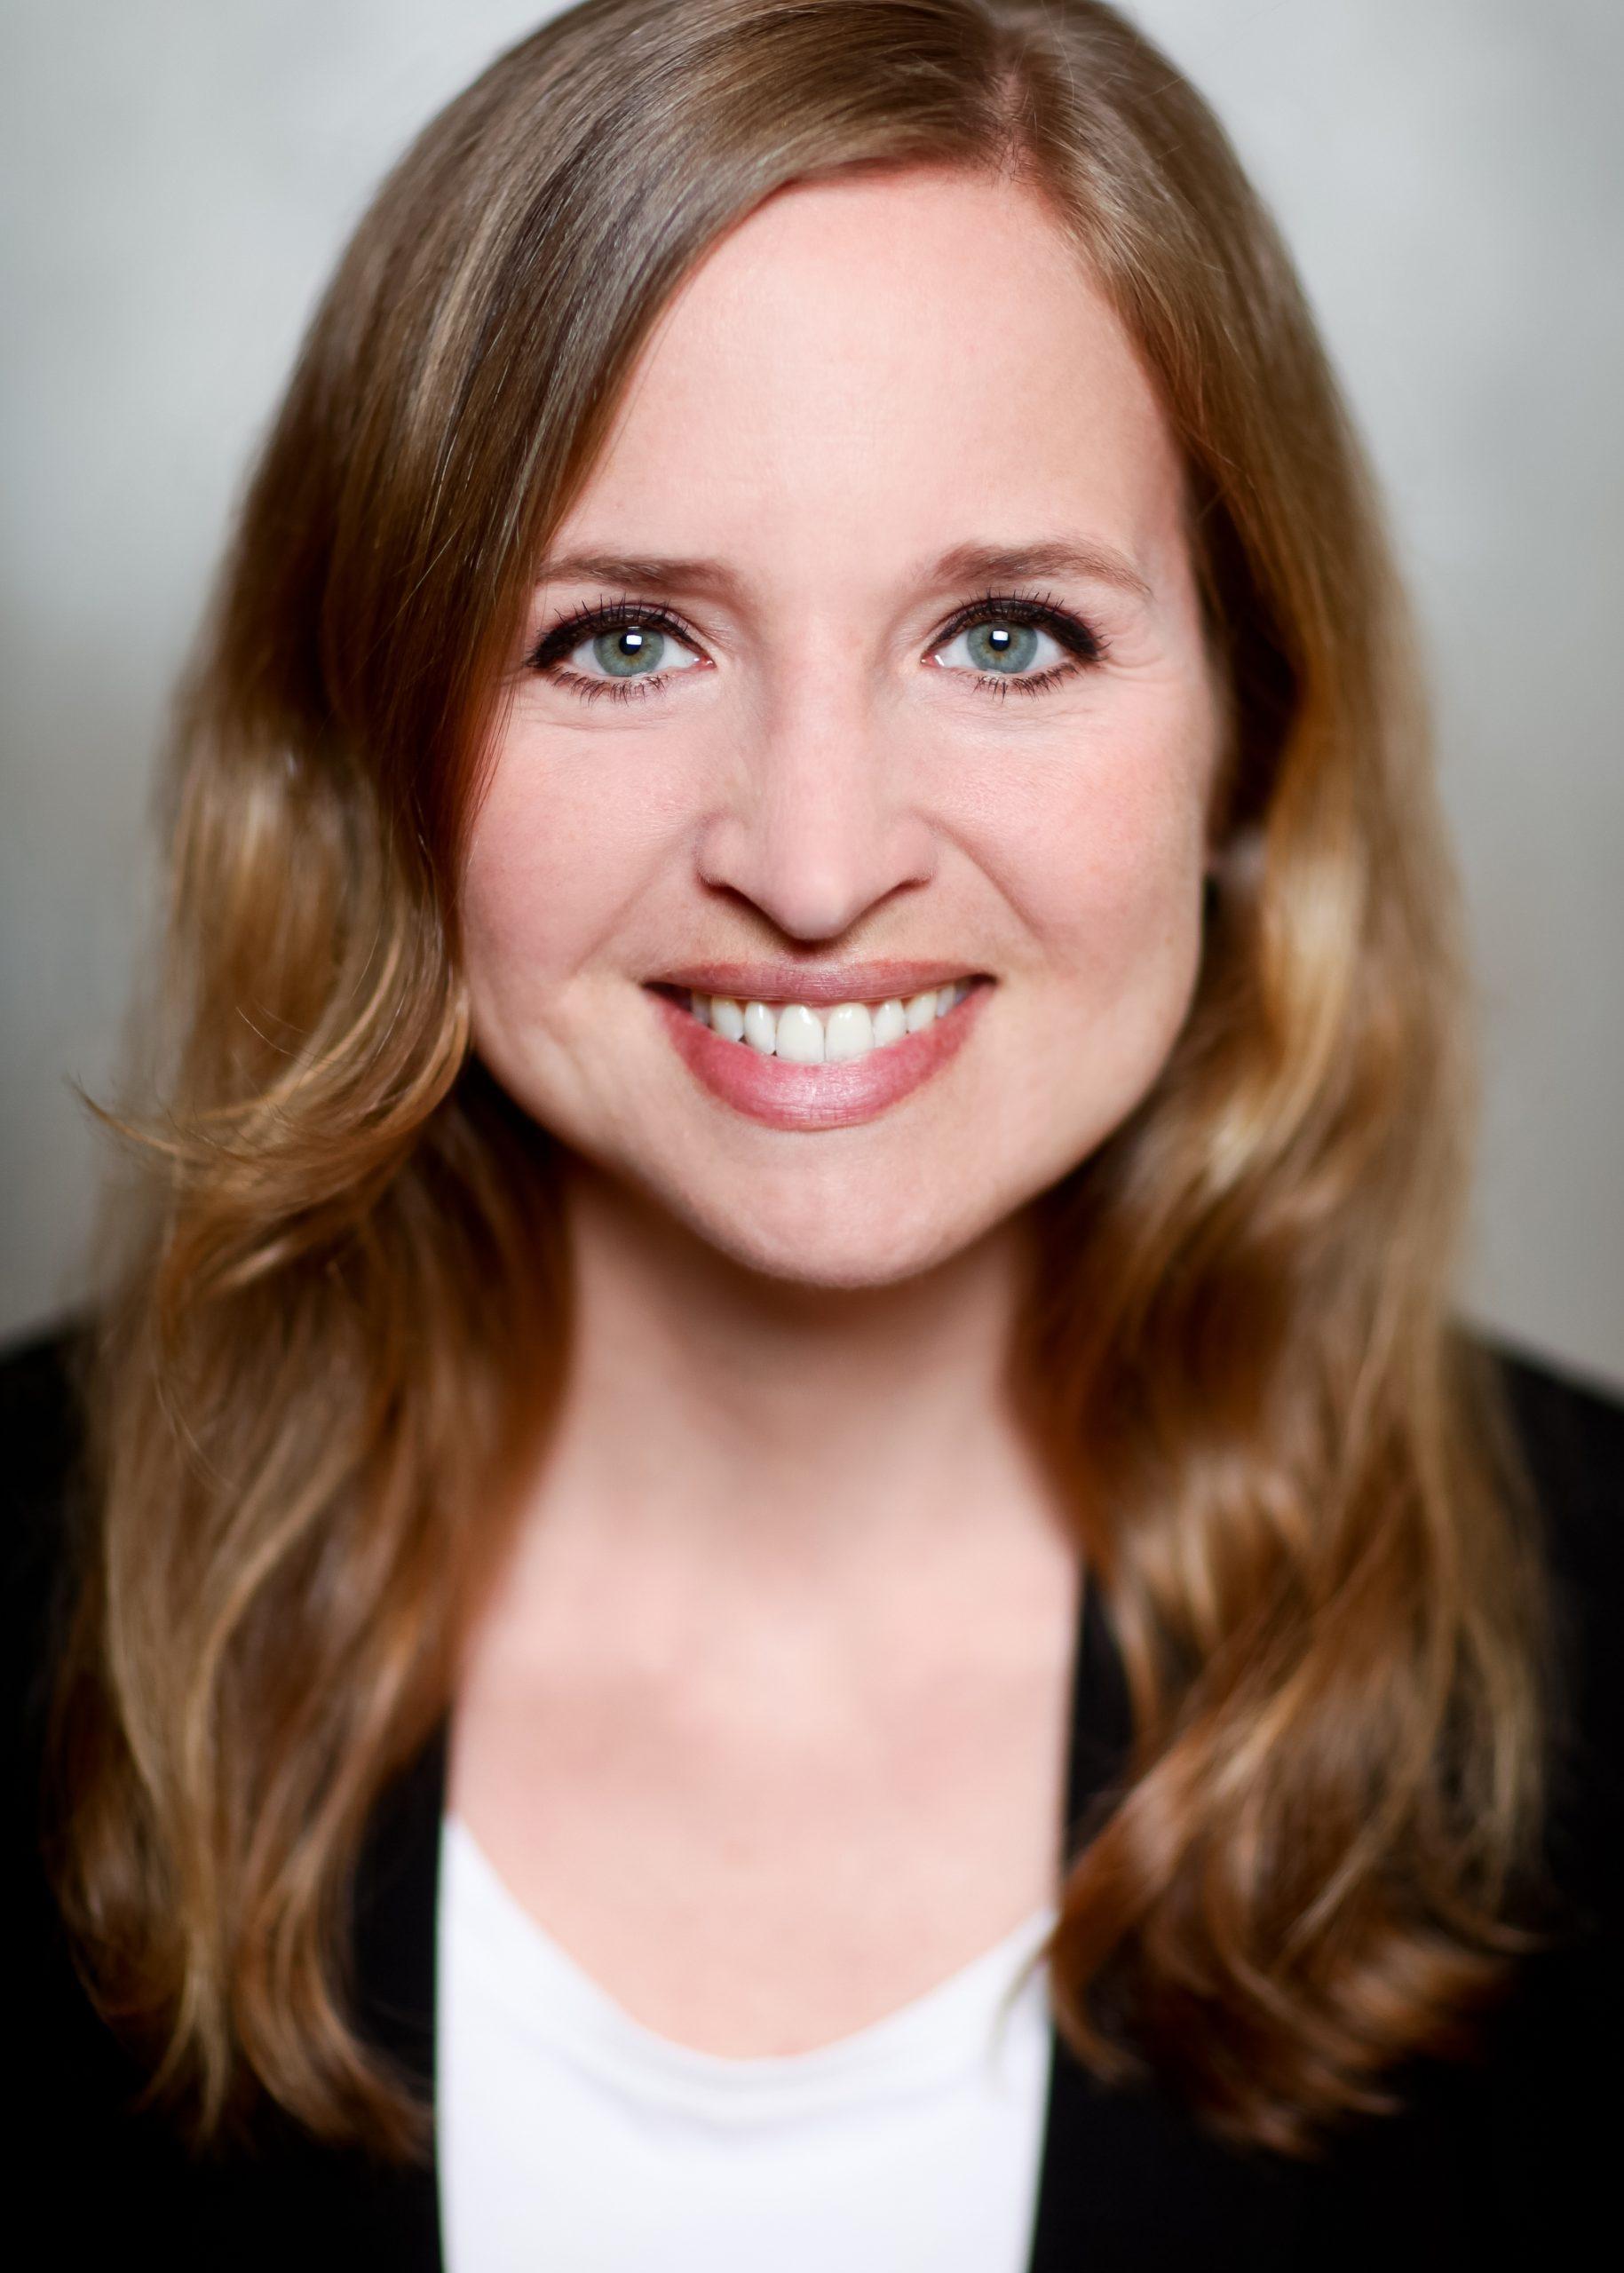 Nadine Landeck Porträtfoto Close-up Gesicht